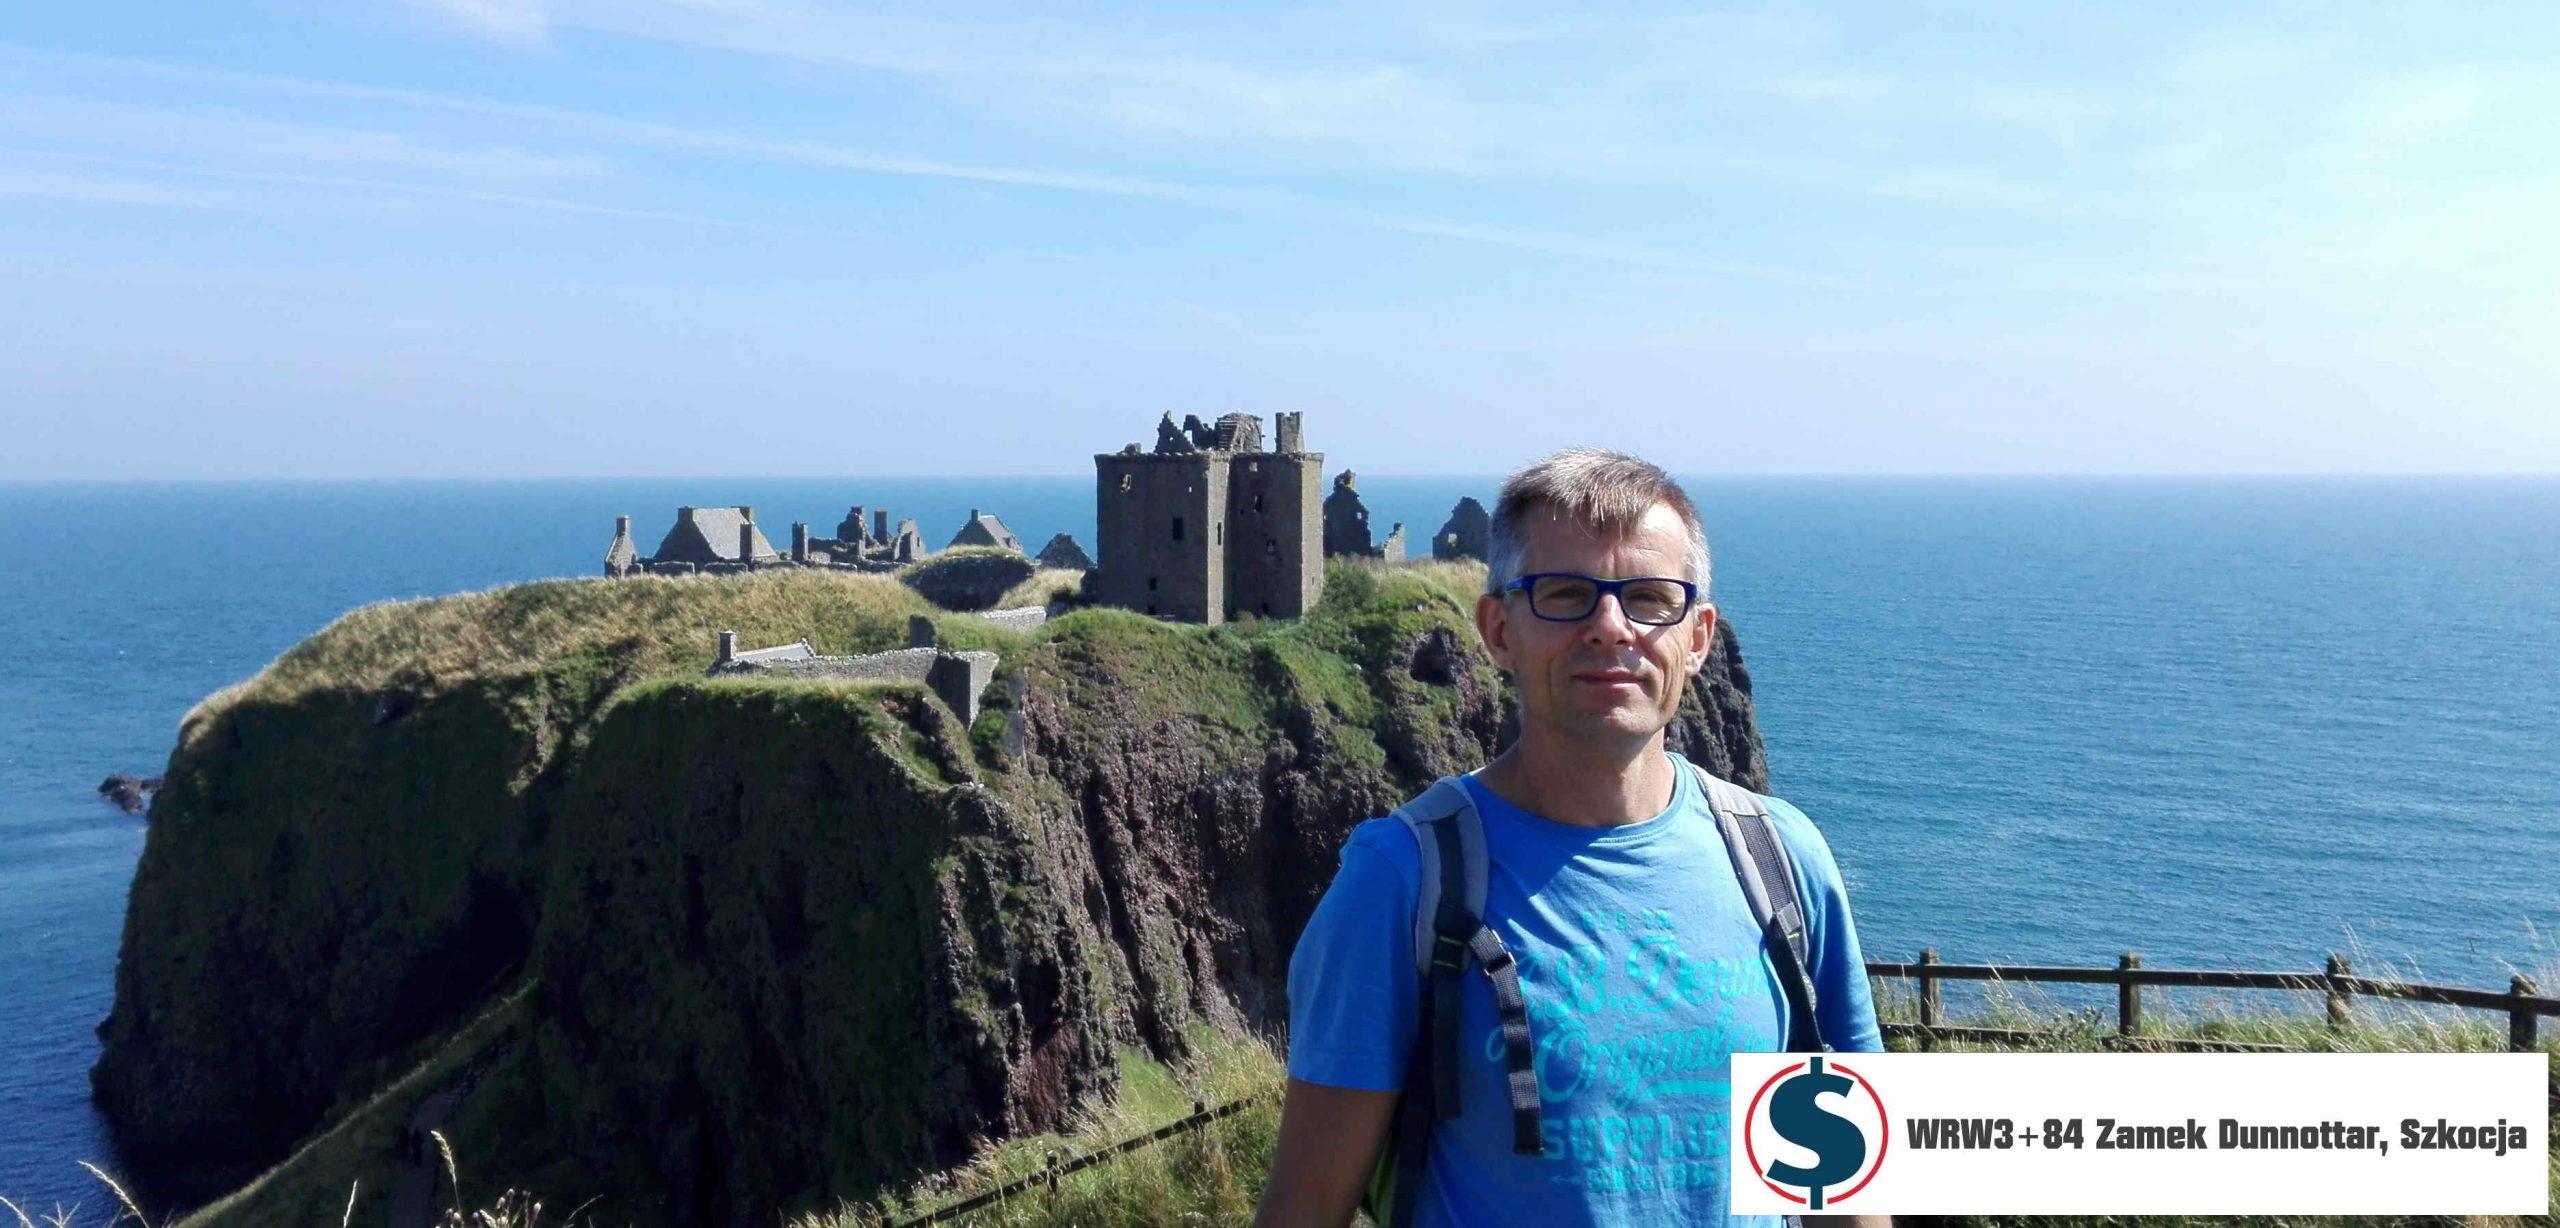 Nawet zamku w Szkocji nie wliczysz do swojego majątku netto - WRW3+84 Zamek Dunnottar Stonehaven Szkocja